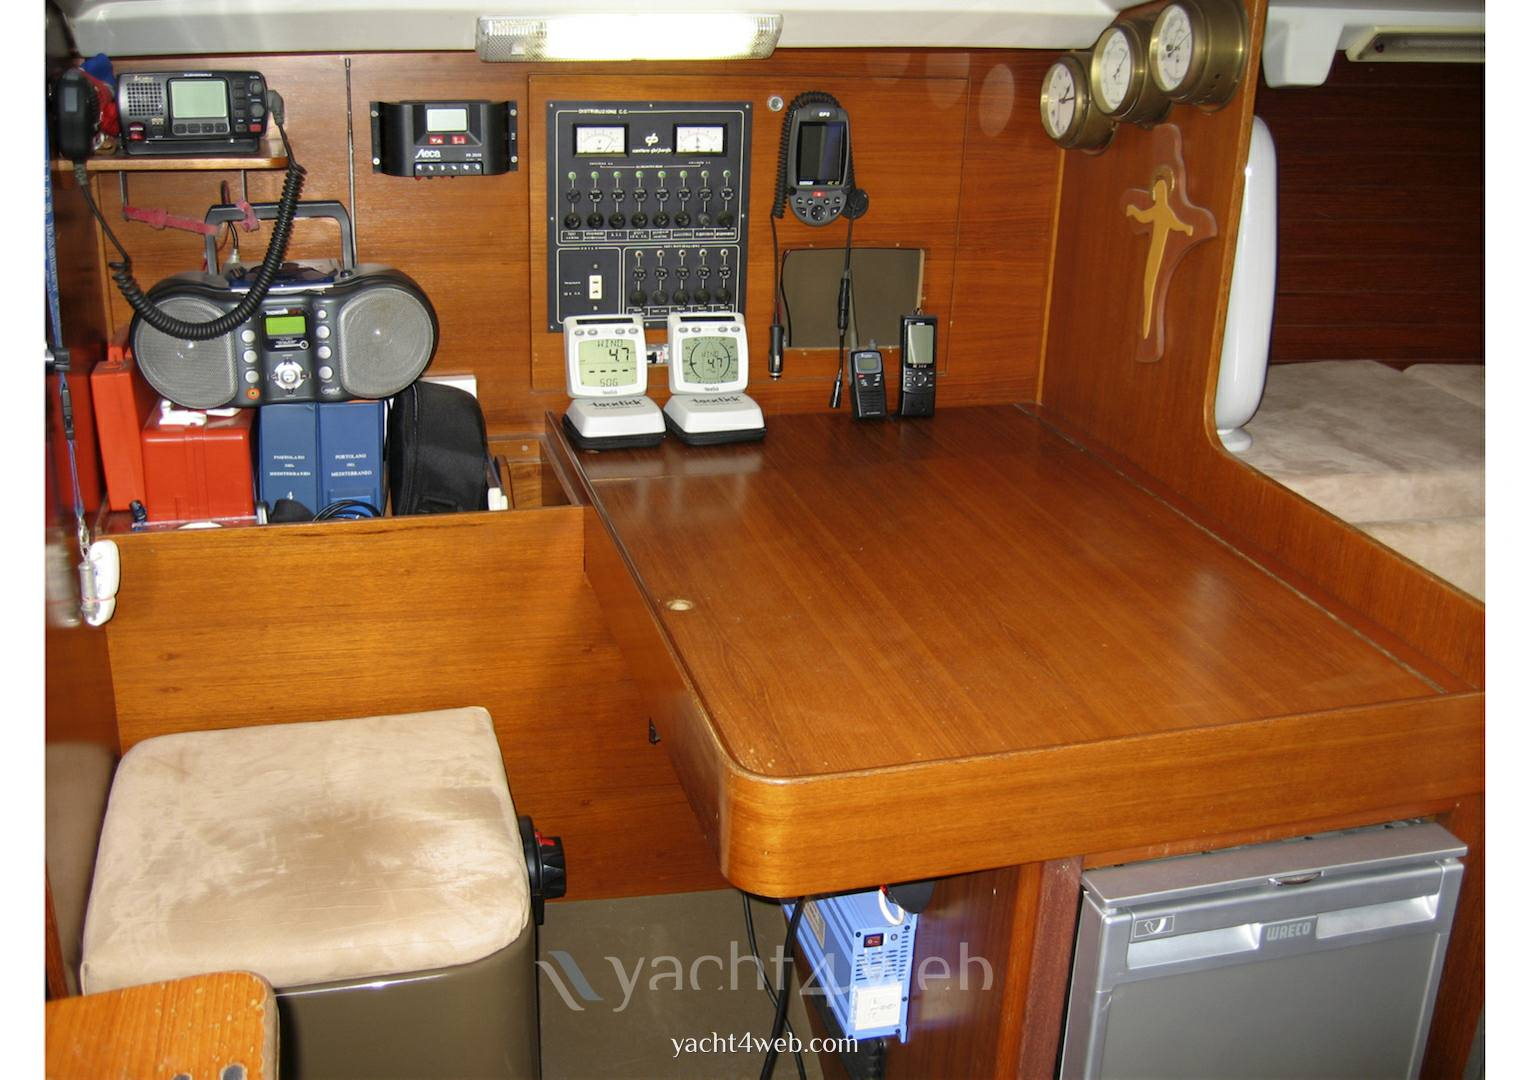 Cantire-del-pardo Grand soleil 34 sailing boat